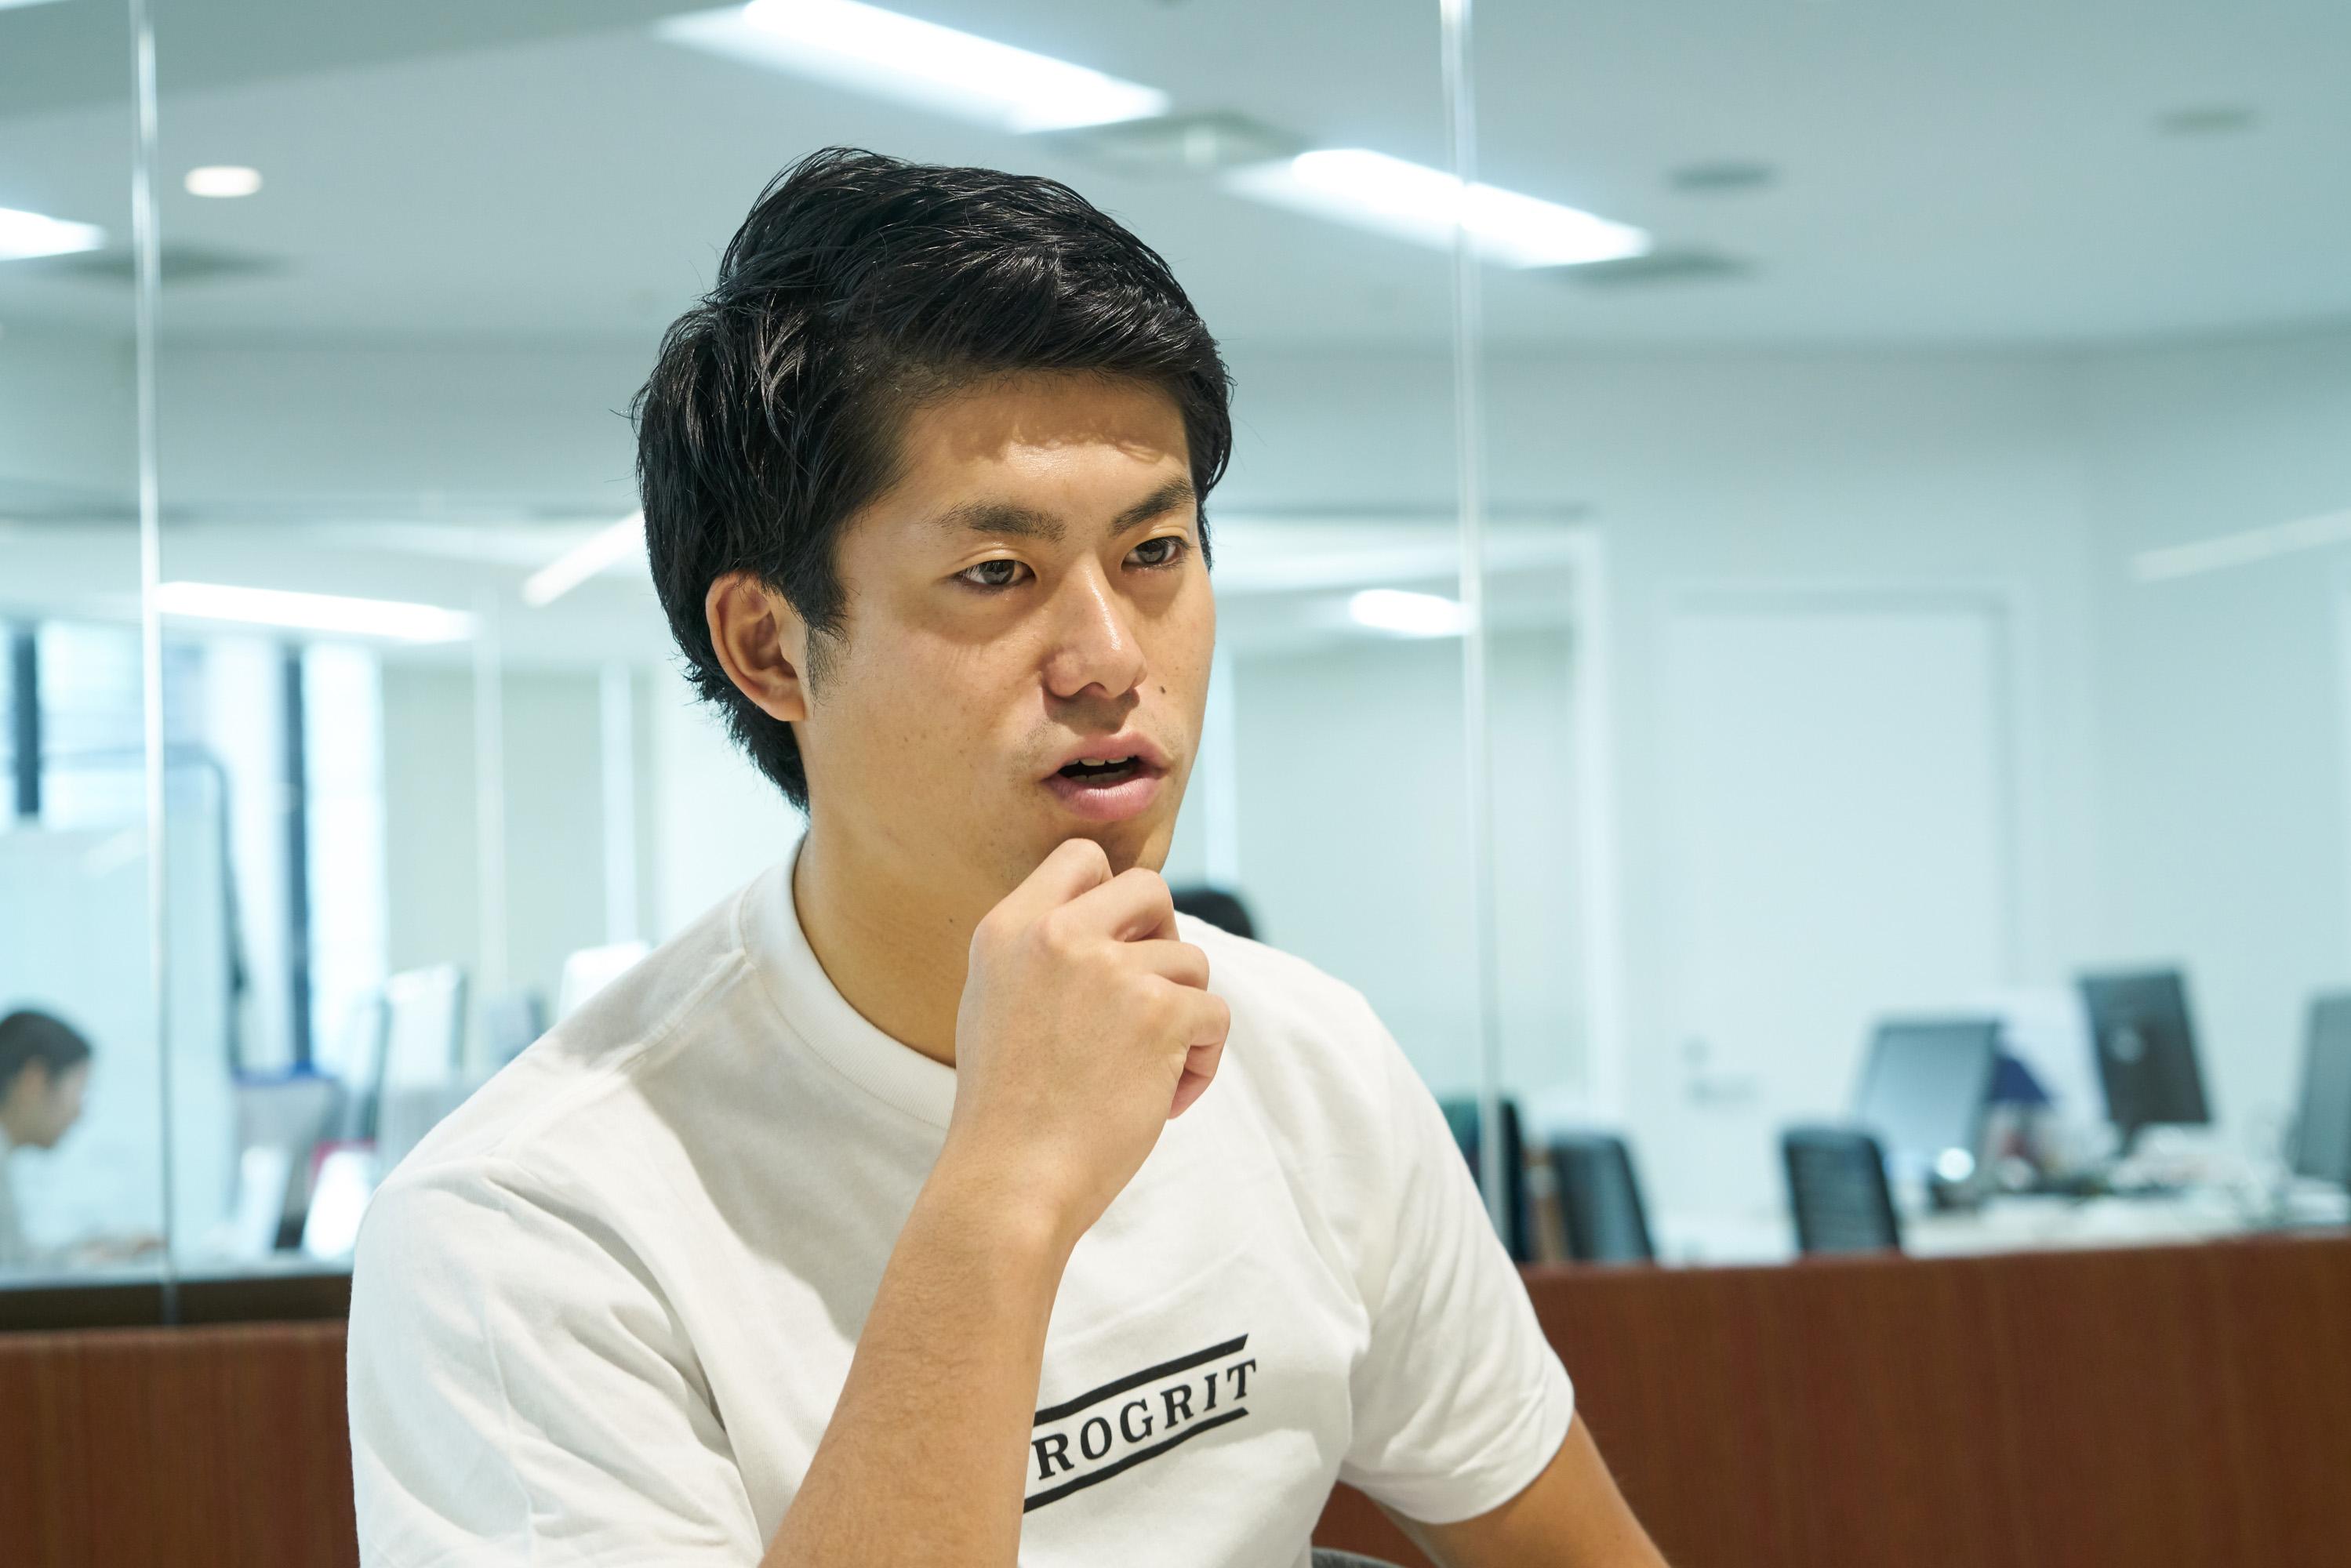 株式会社プログリット 岡田祥吾さんさん